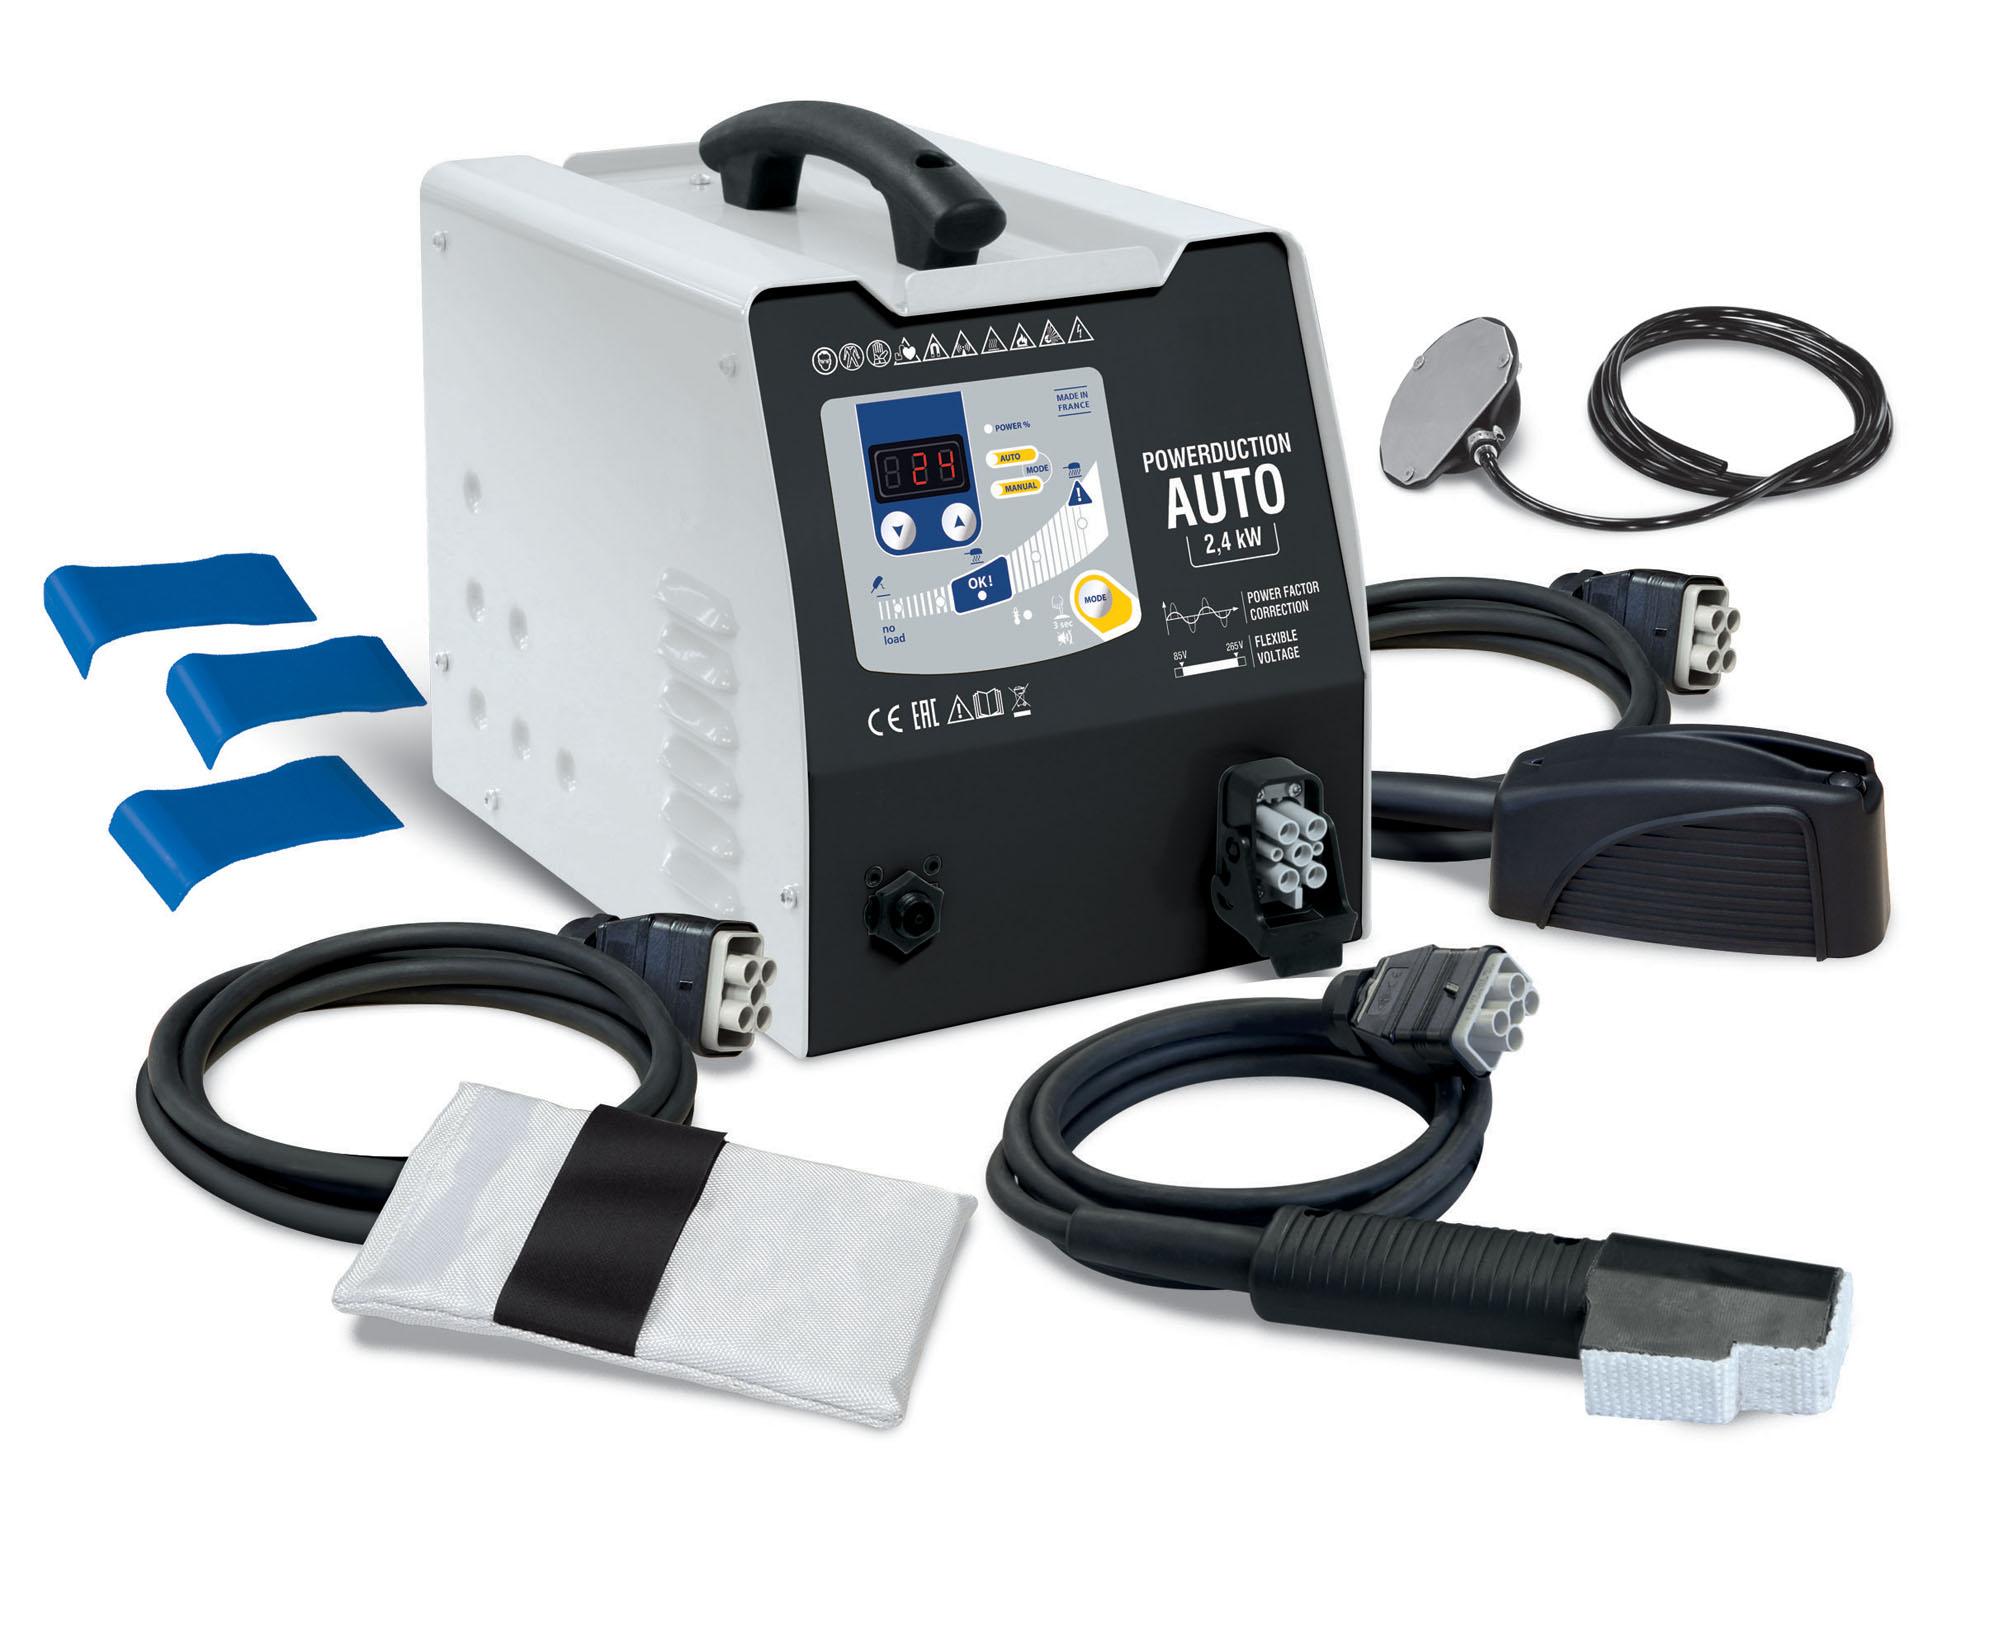 Inductor magnético TSD POWER DUCTION para calentar la chapa de la carrocería